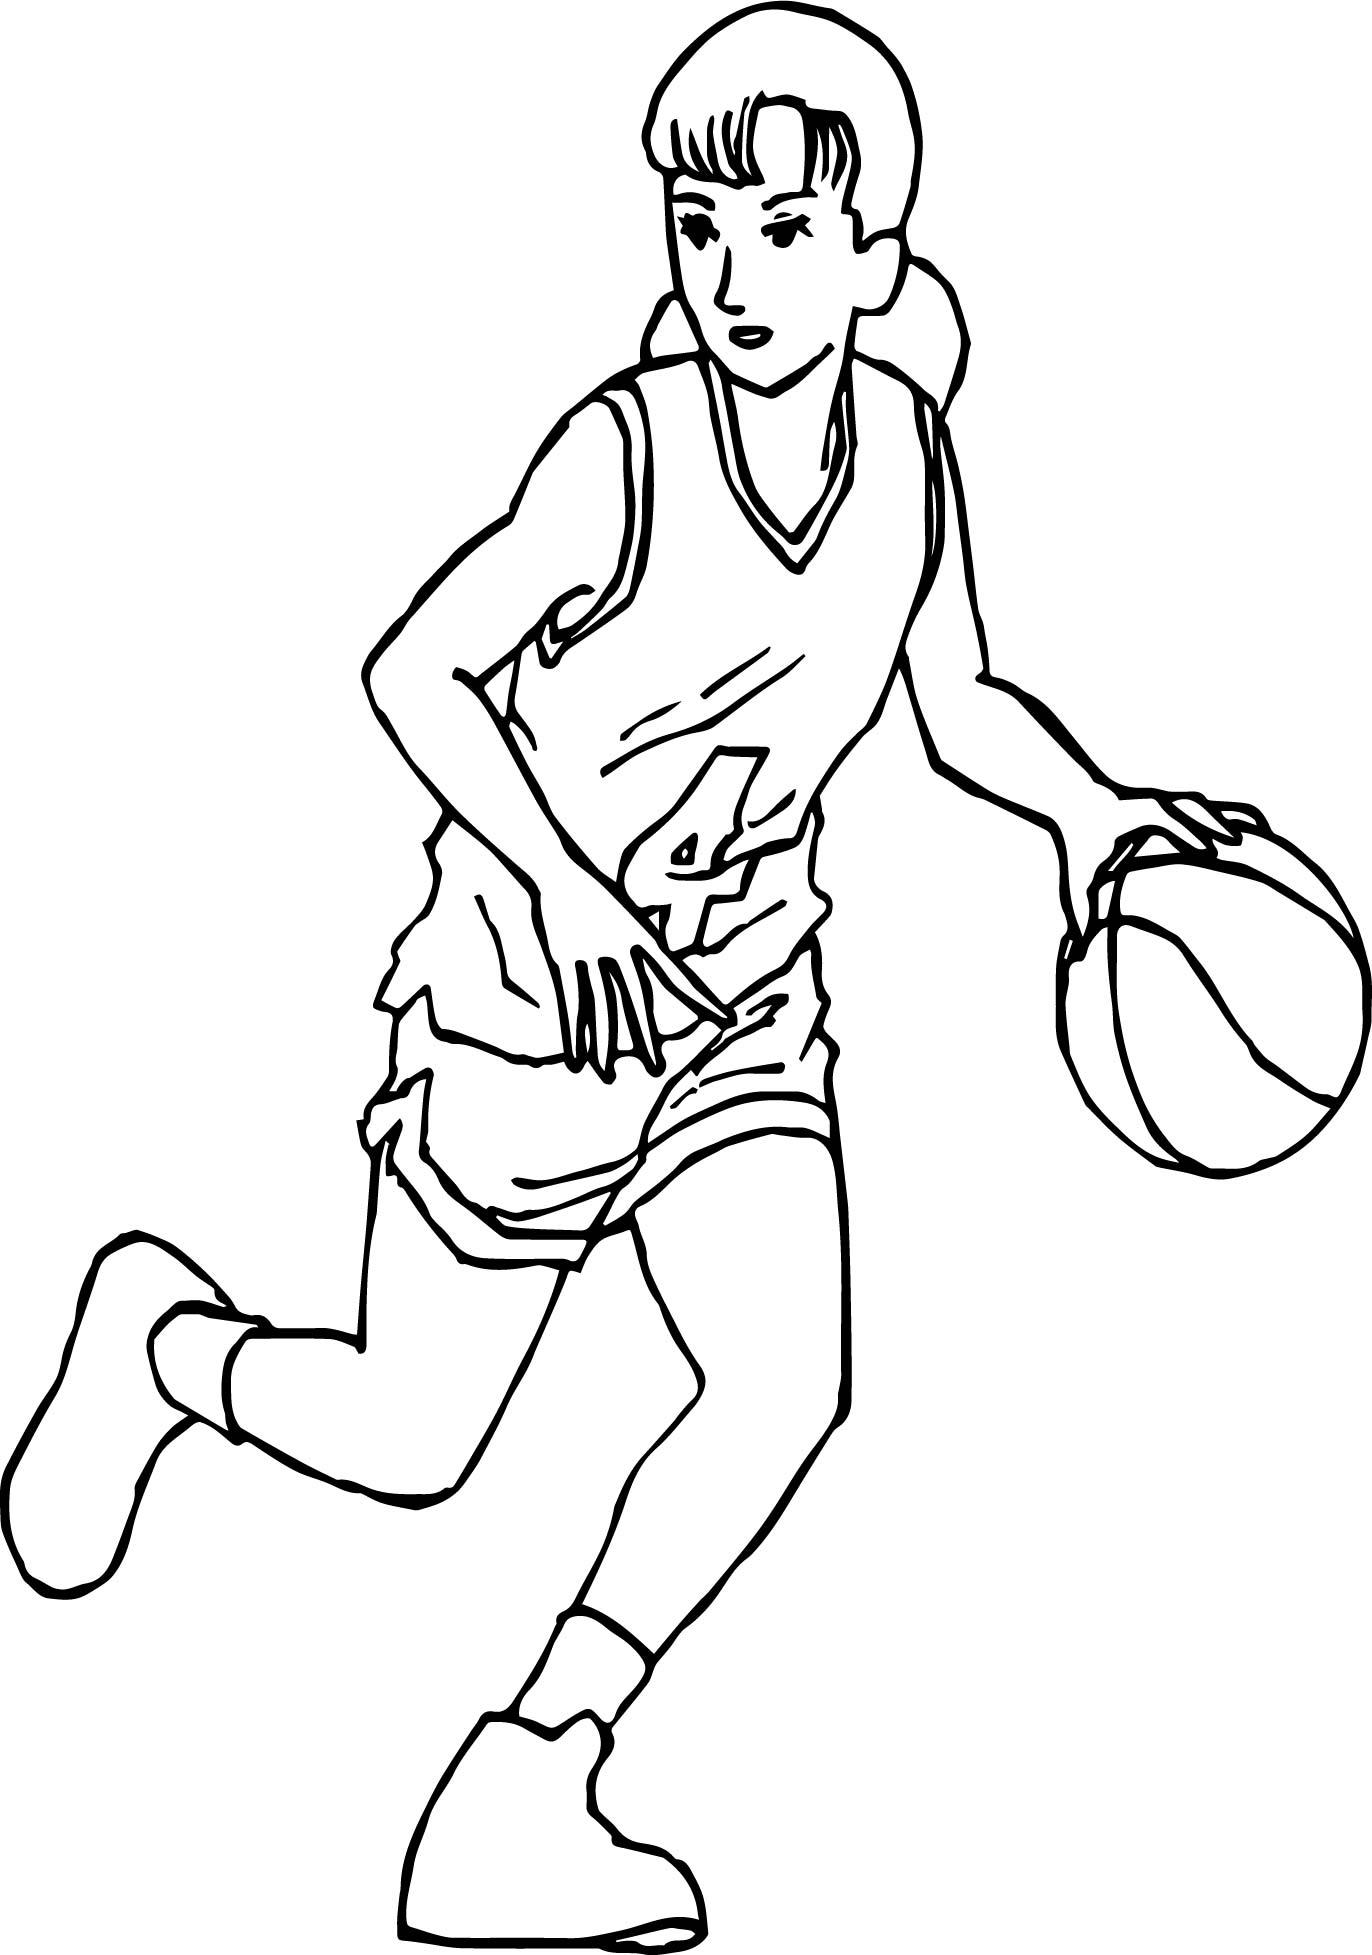 Good Manga Girl Playing Basketball Coloring Page